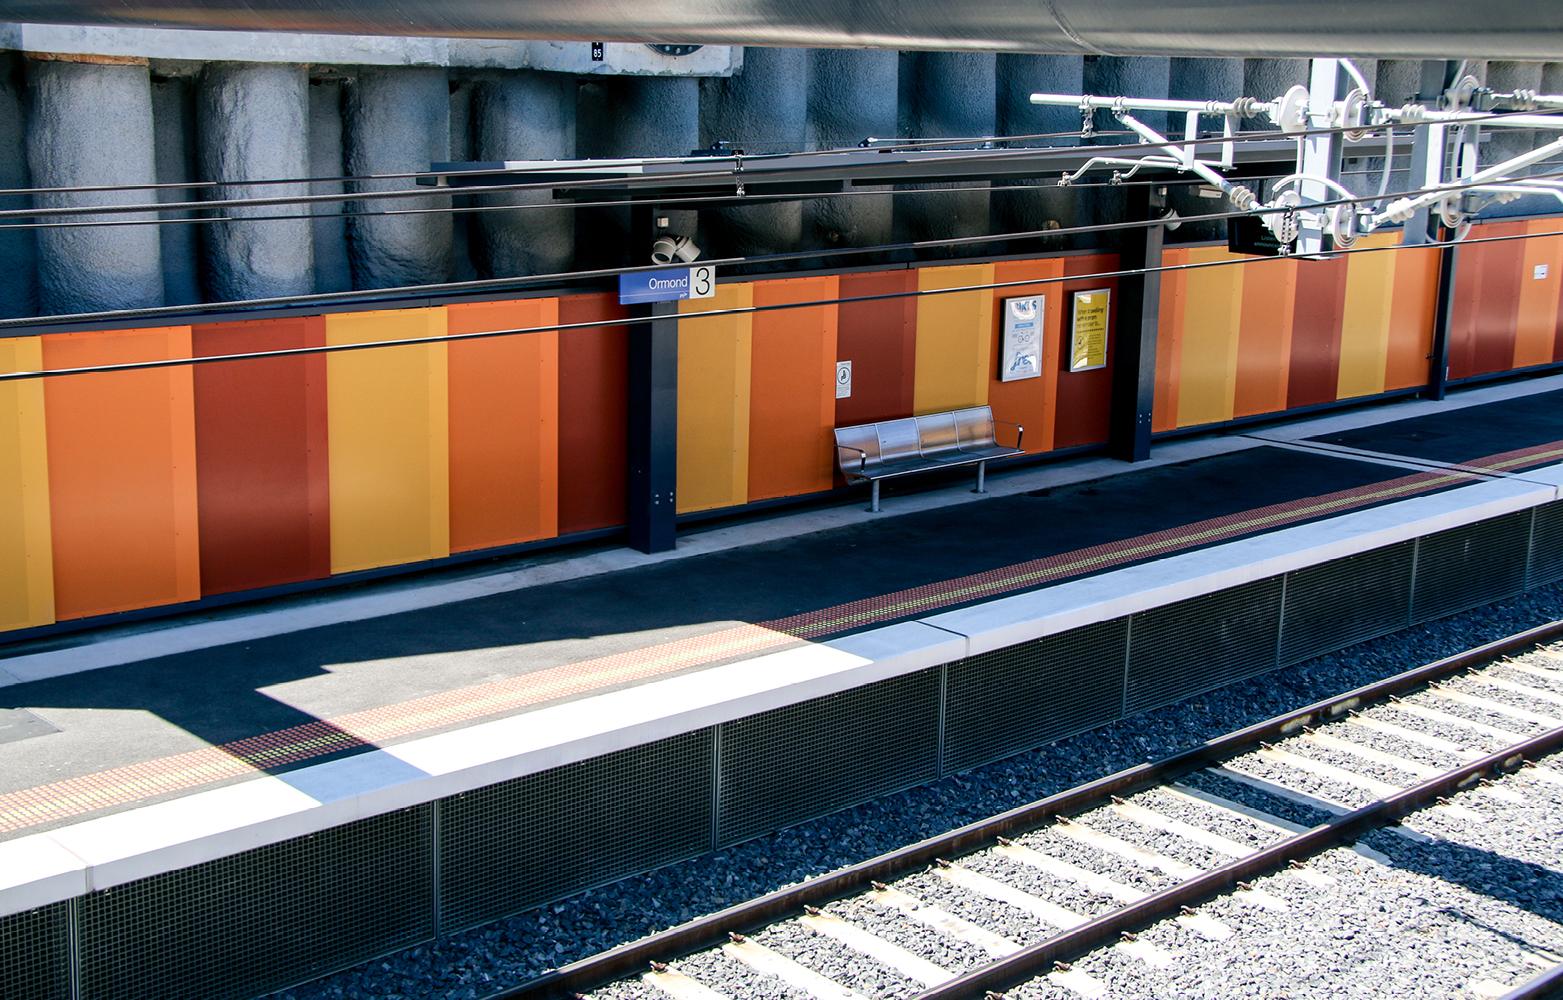 Platform Canopies